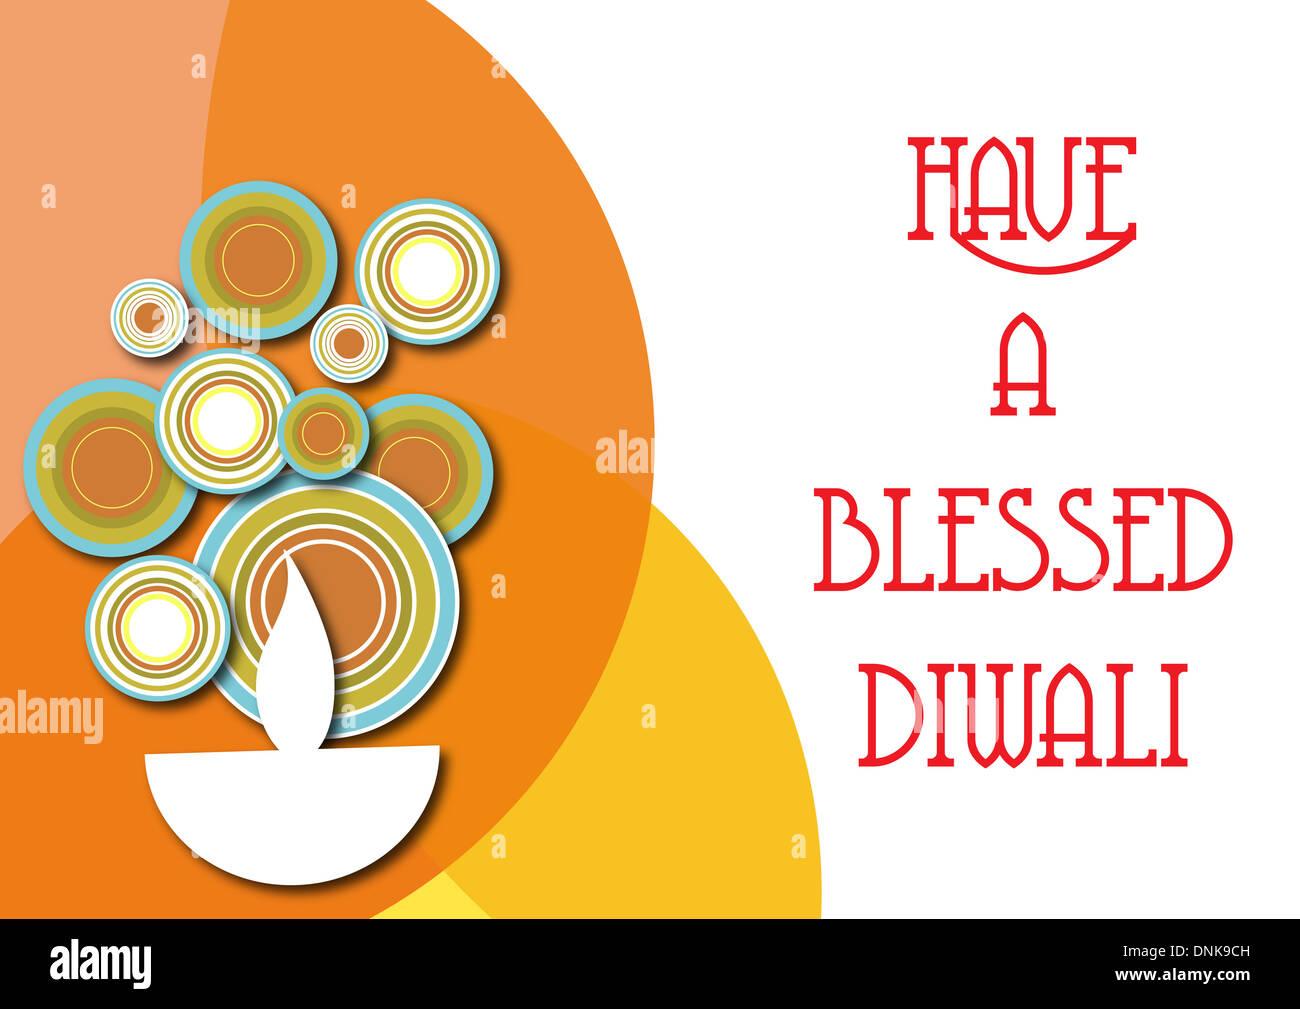 Diwali greeting isolated on white background Stock Photo